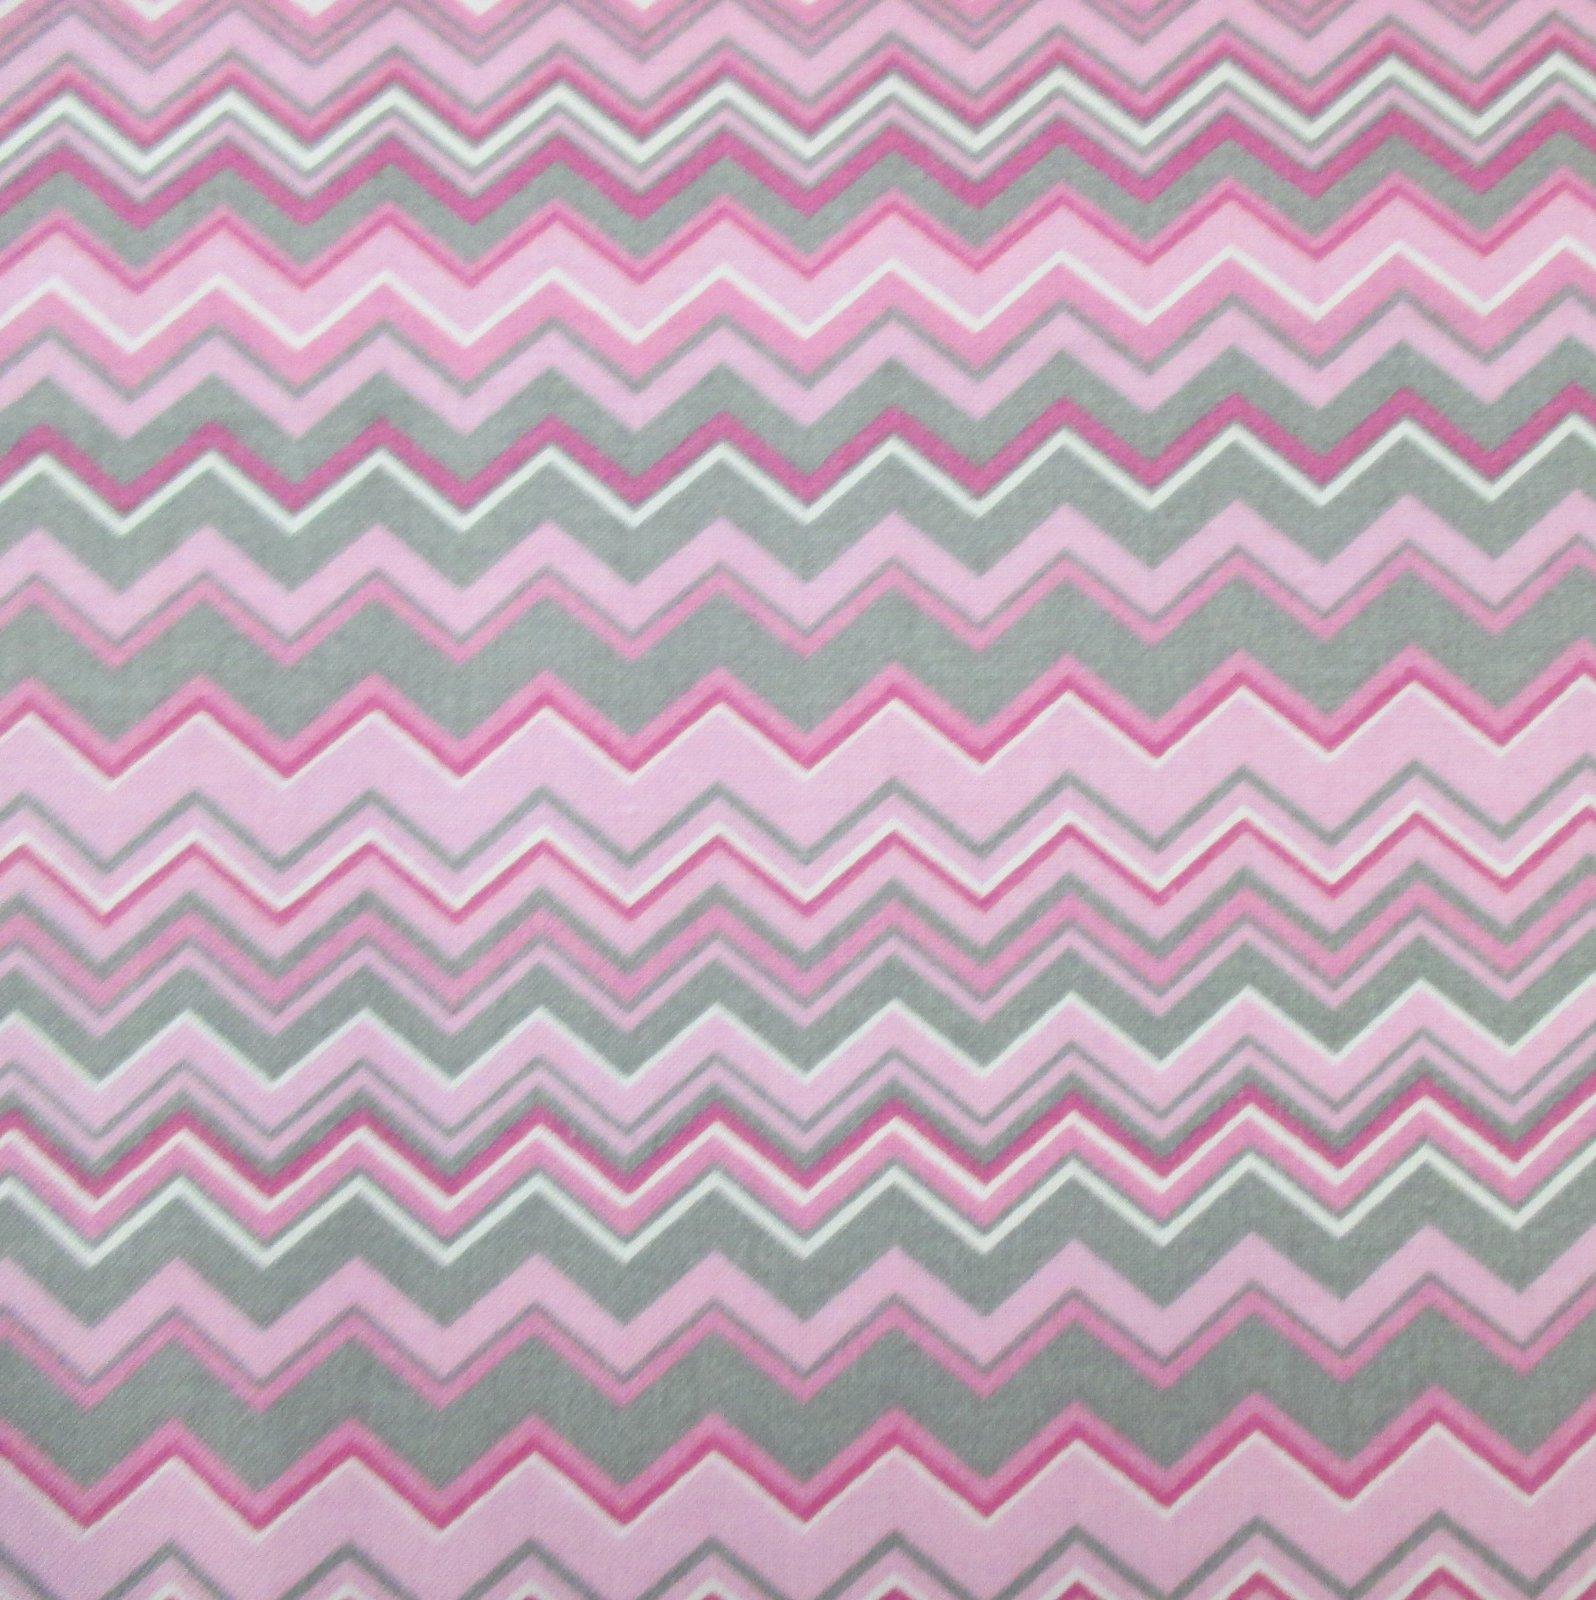 A.E. Nathan - Chevron - Pink/White/Gray